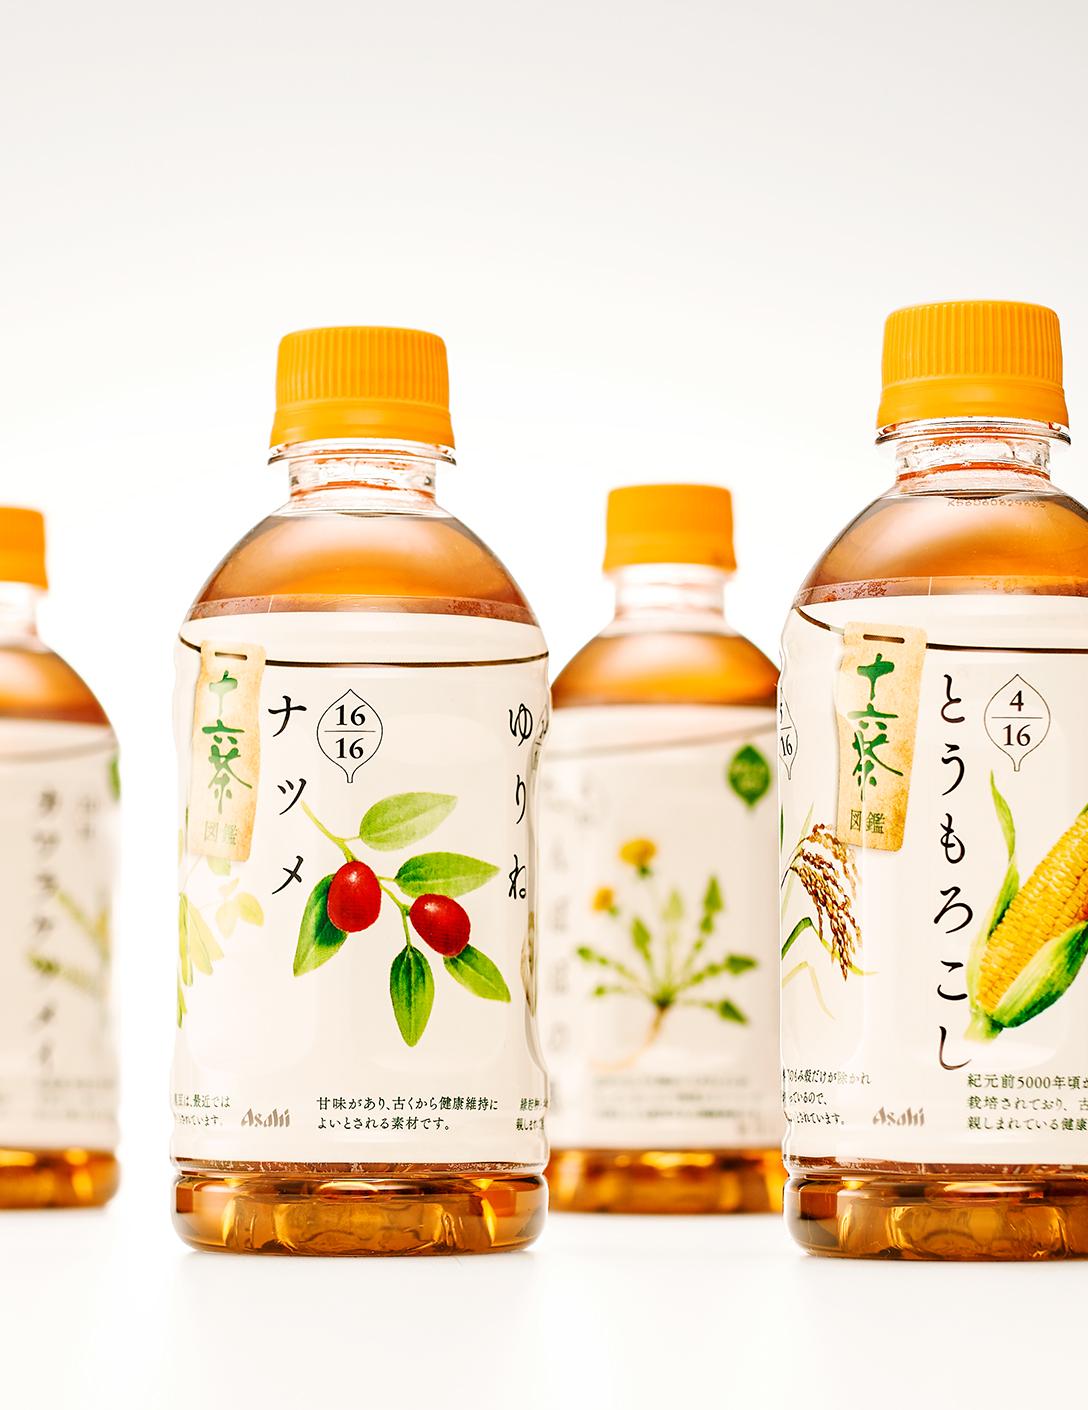 十六茶 LOHACO限定版瓶装设计